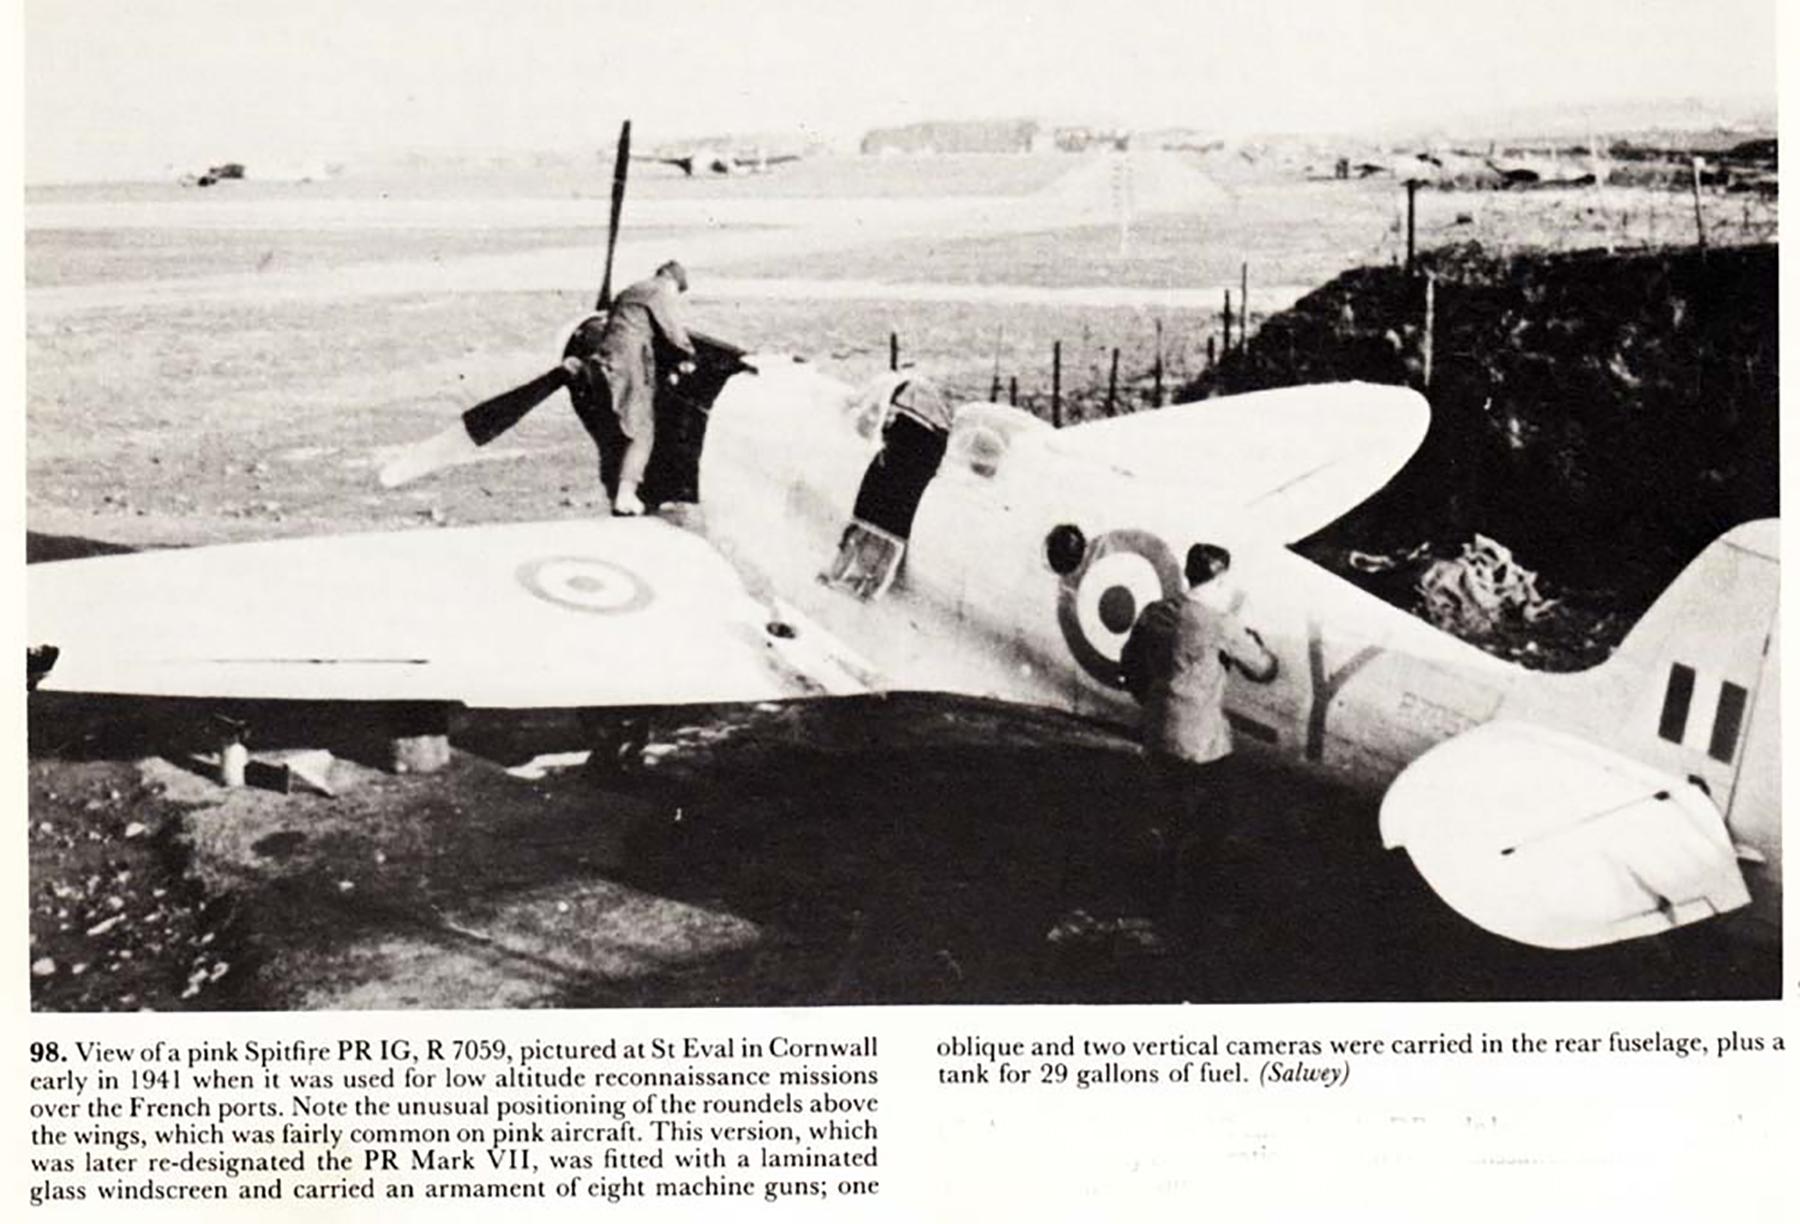 Spitfire PRIG RAF 1PRU LY R7059 St Eval Cornwall England 1941 01